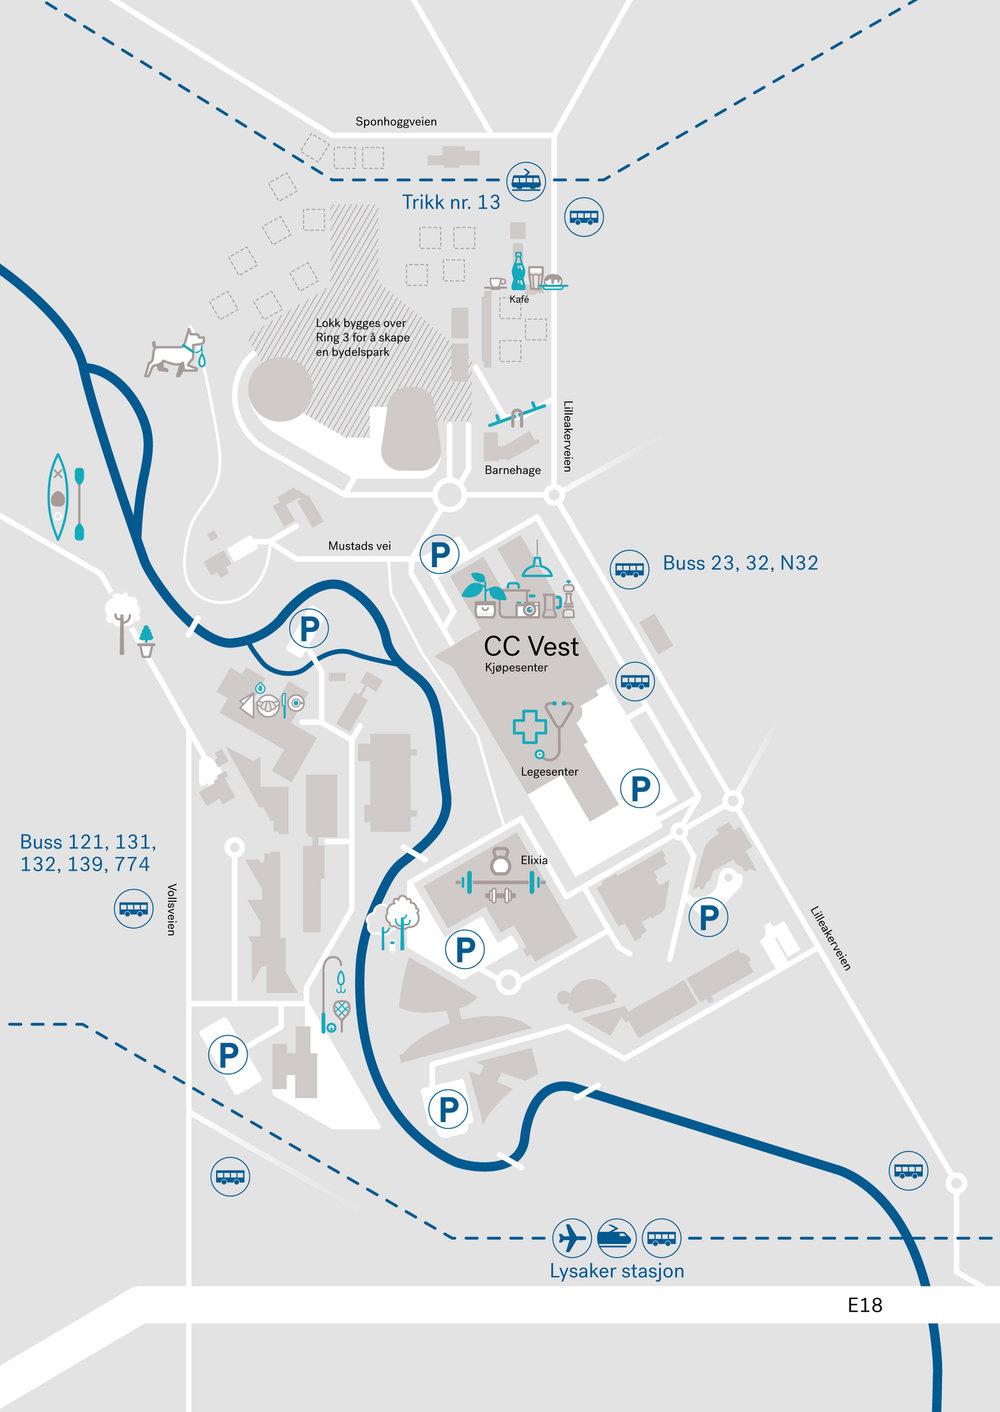 Kart med piktogrammer som beskriver noen av fasilitetene i nærområdet, brukes bl.a. i prospekter